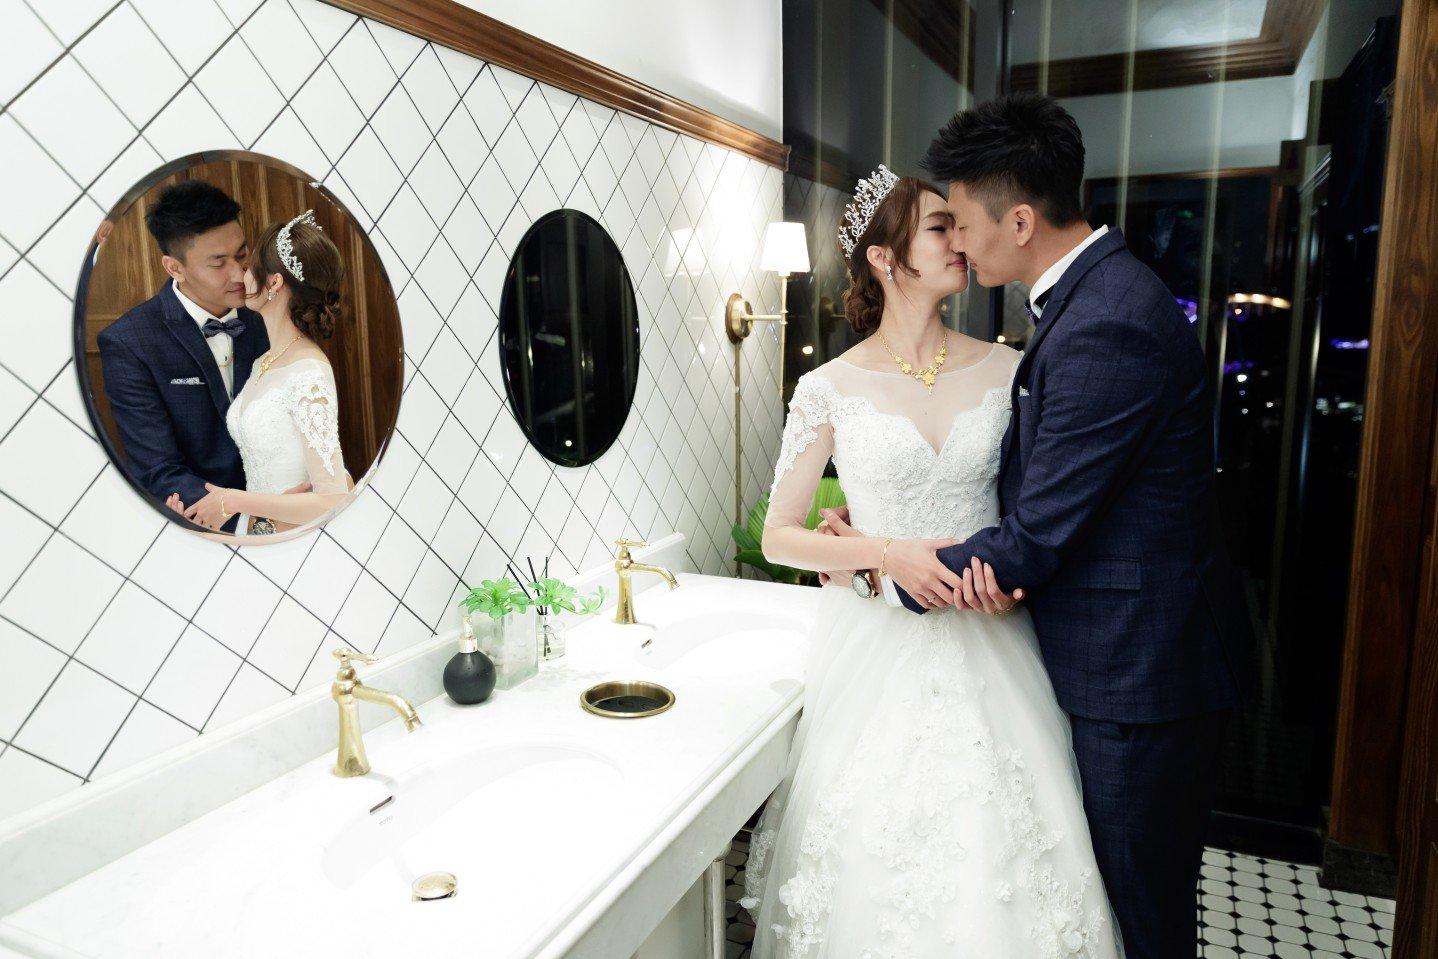 老新台菜婚禮攝影, 老新台菜婚攝,高雄婚攝森森,婚攝森森,婚攝推薦